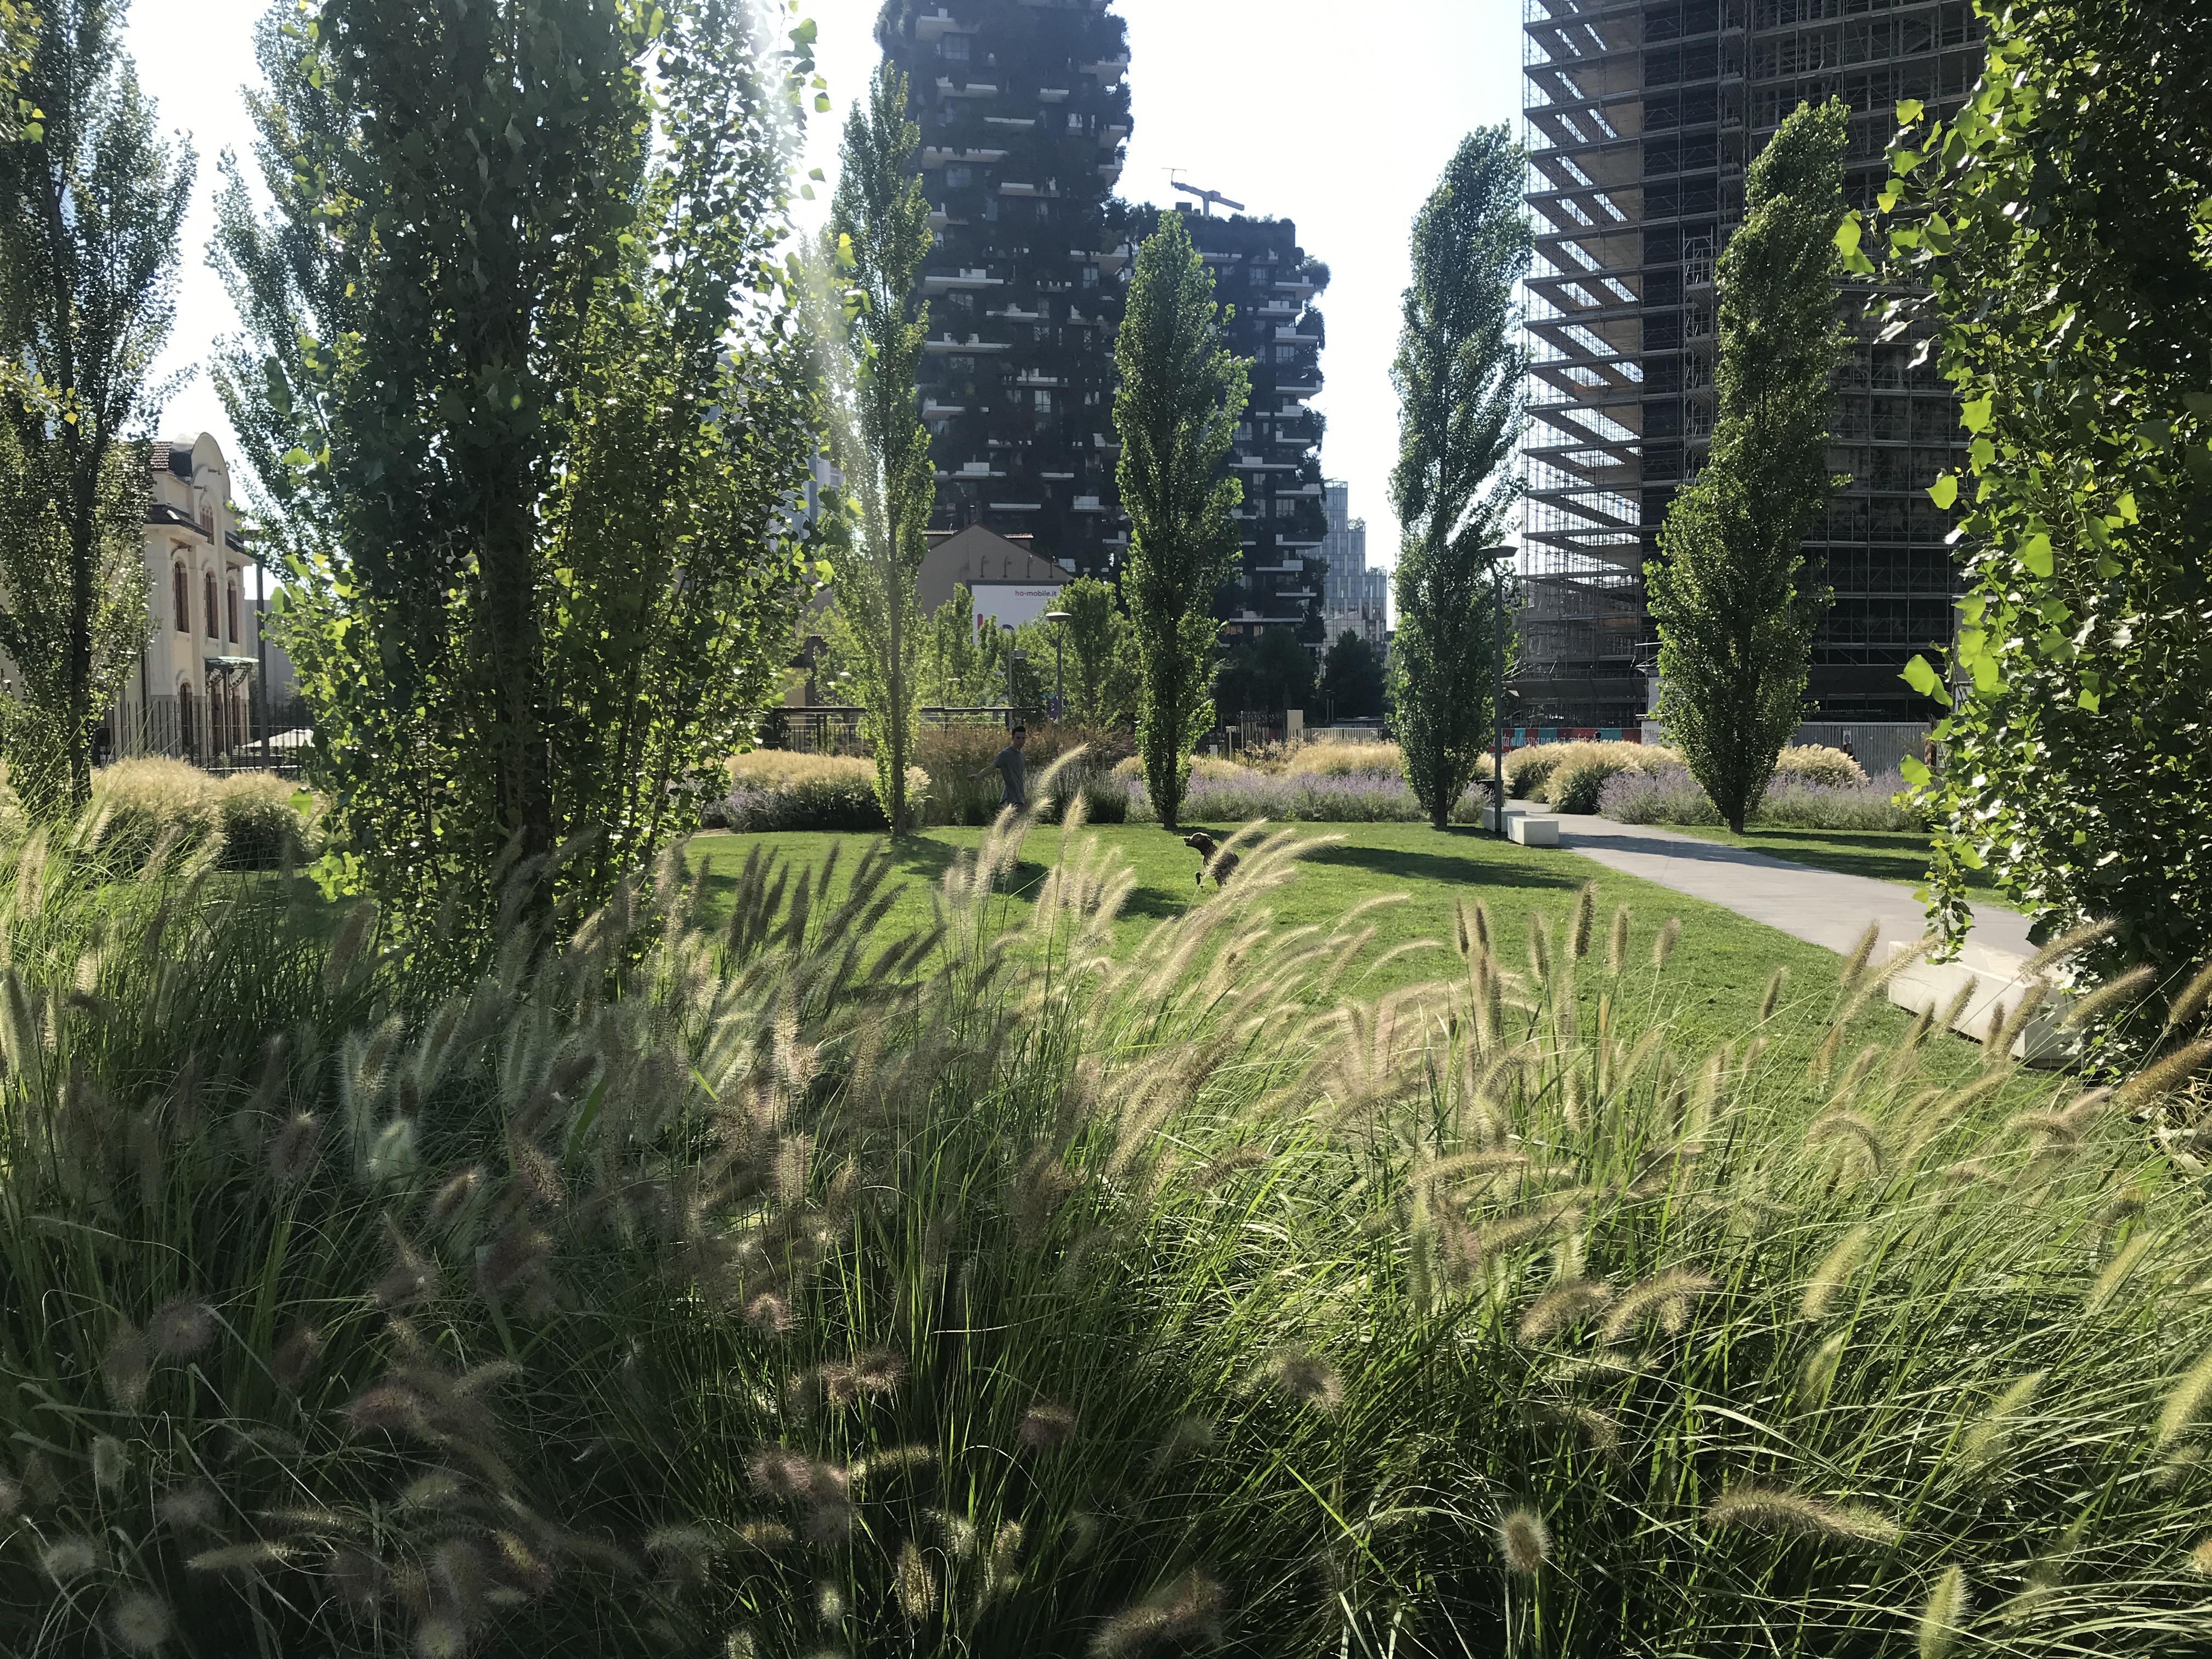 <p>Zodra planten uitkomen, krijgt het park volume. Beeld Andrea Cherchi</p>